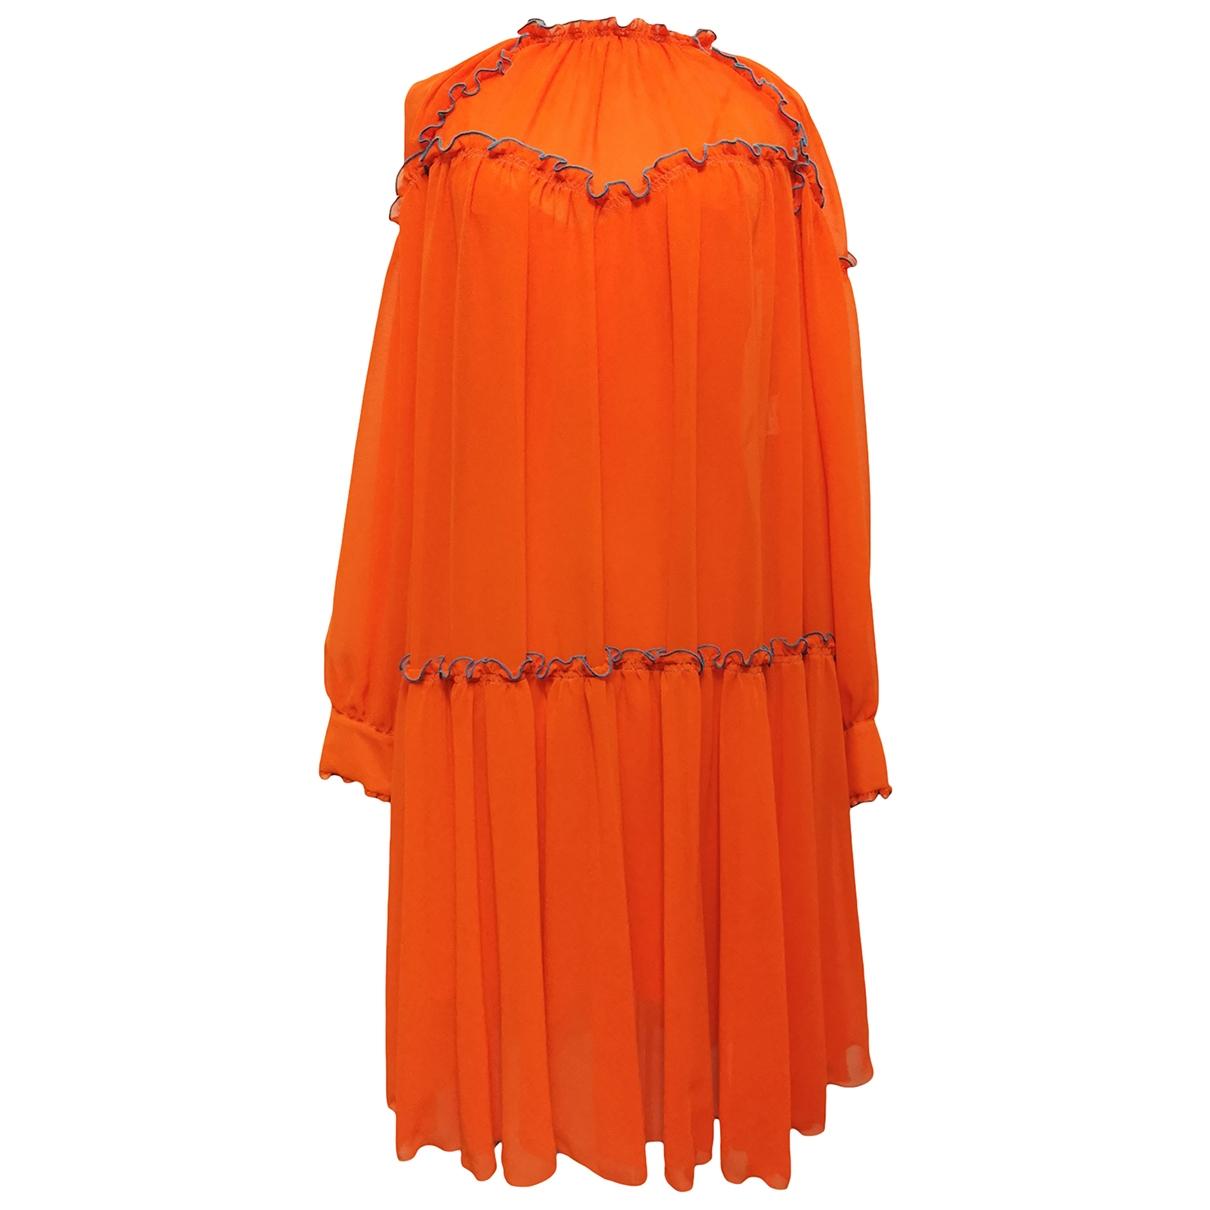 Msgm \N Kleid in  Orange Polyester